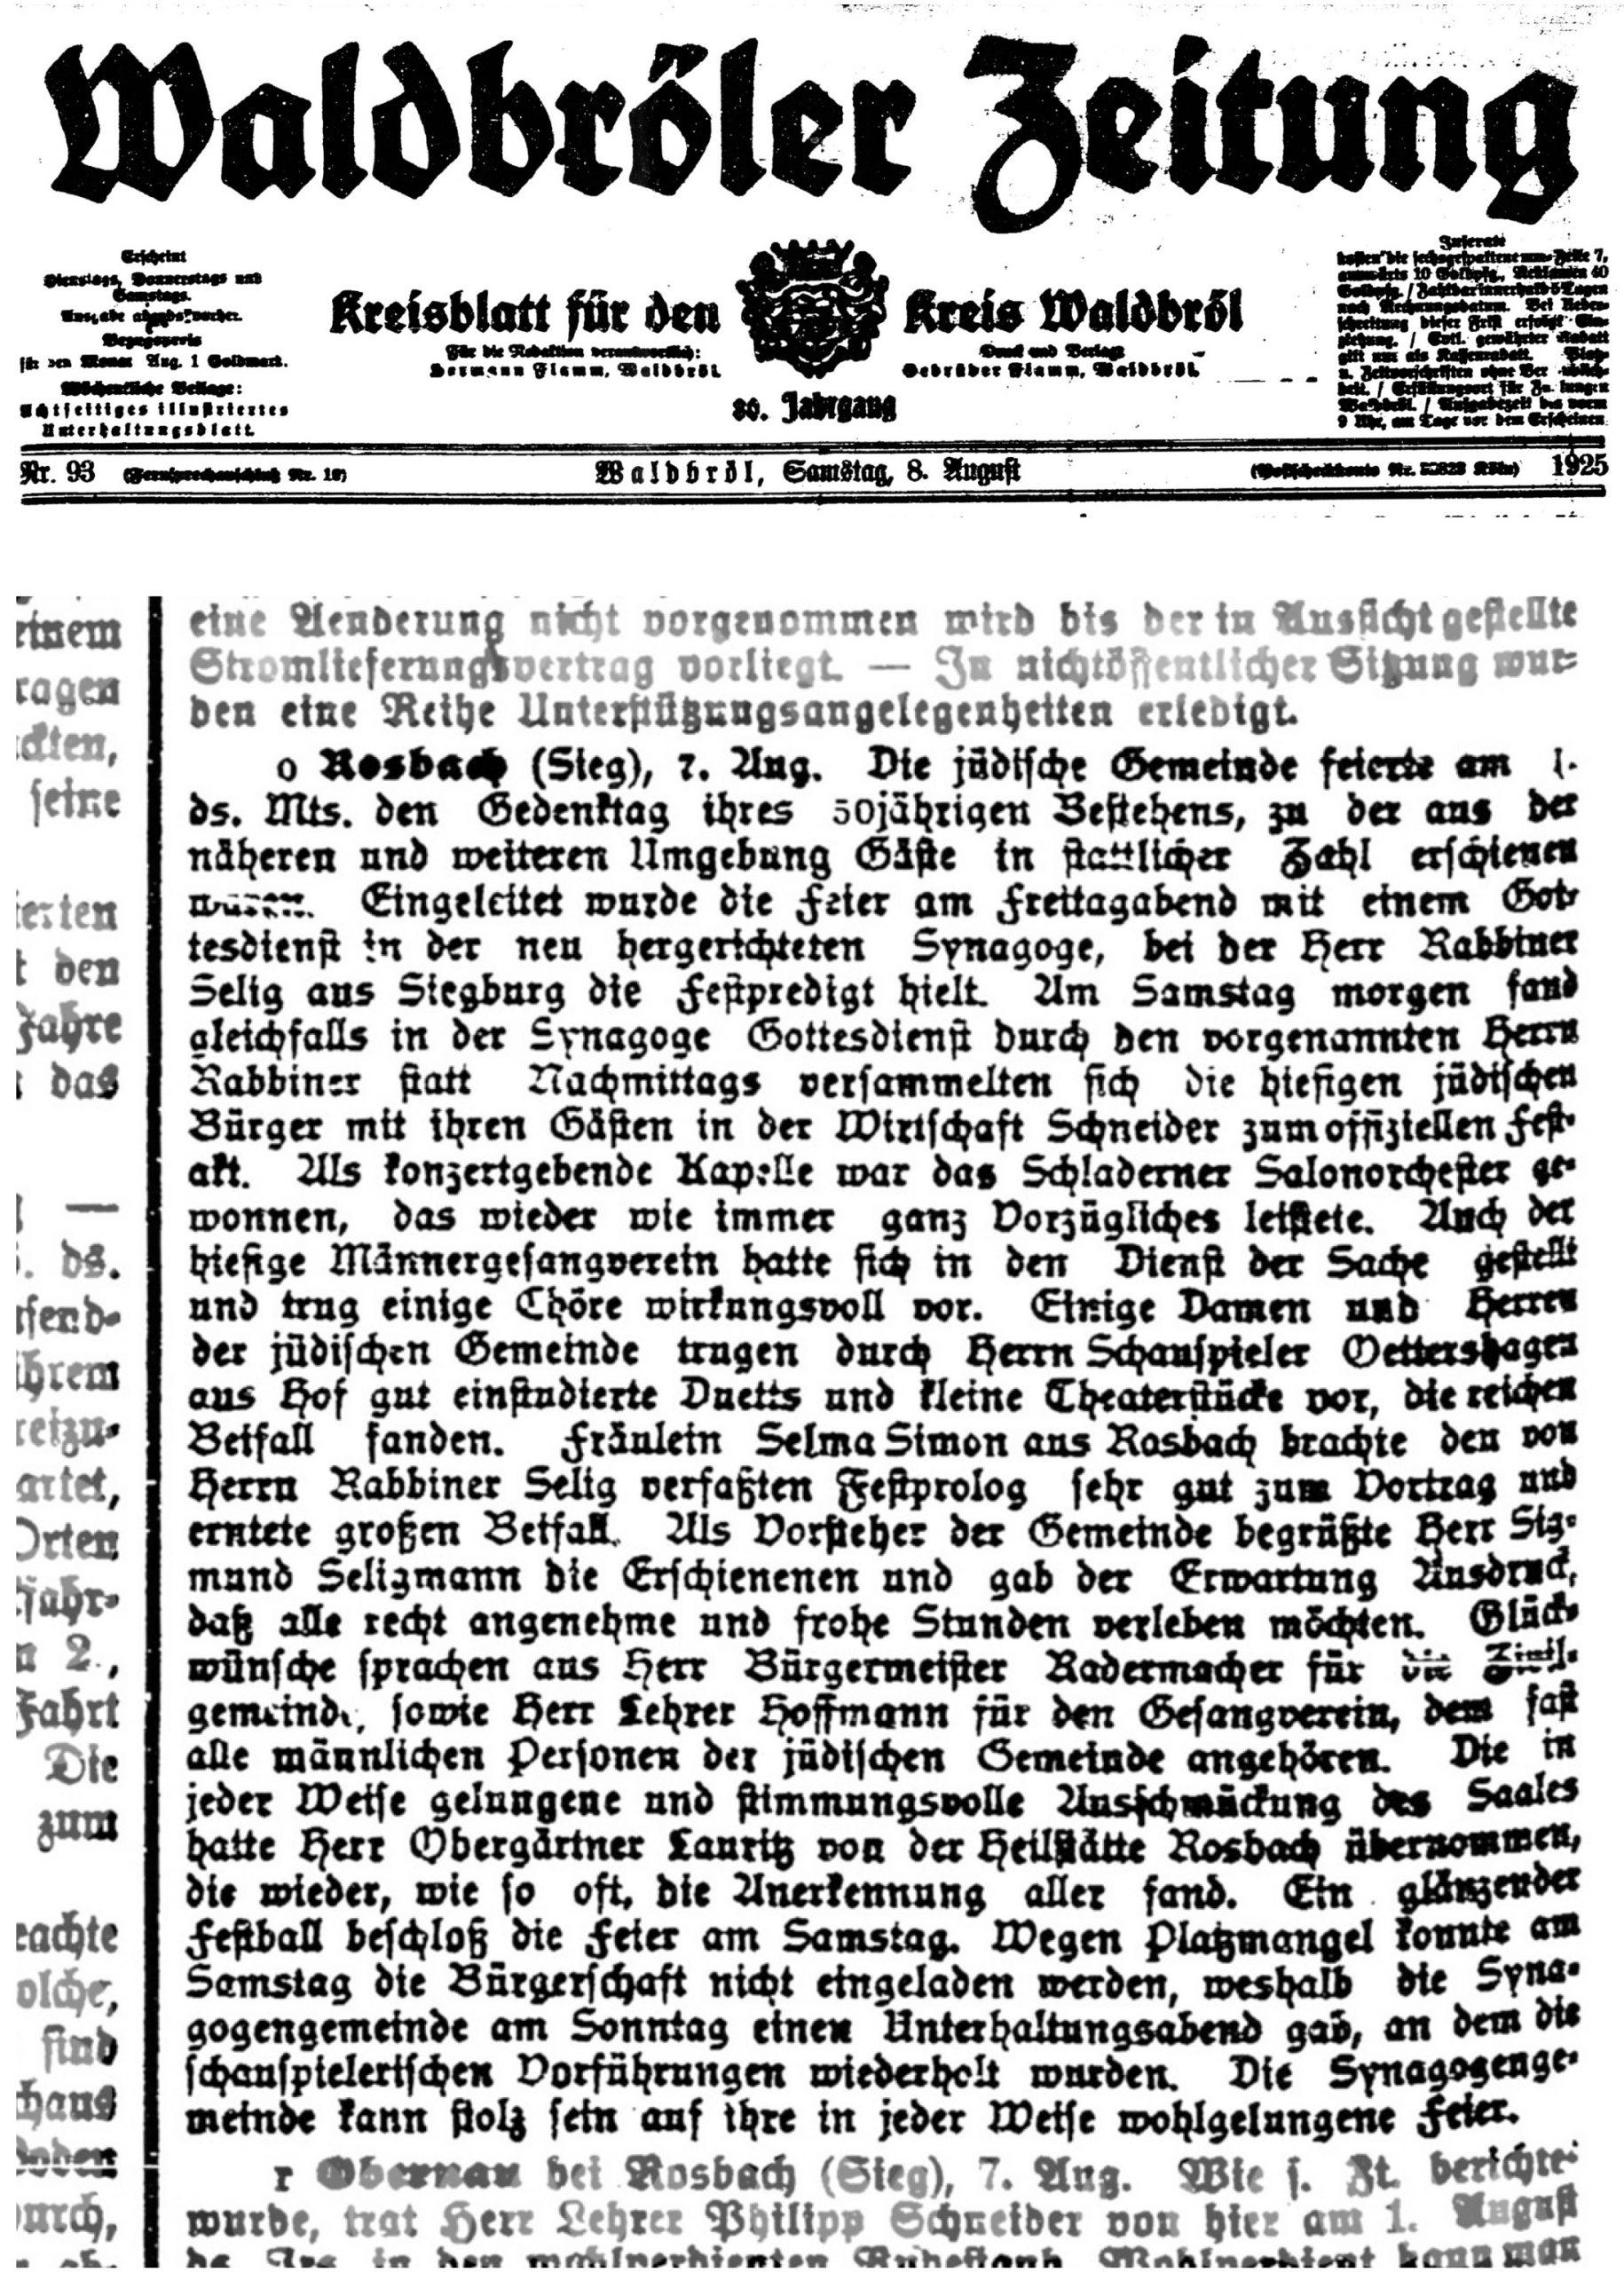 Waldbröler newspaper